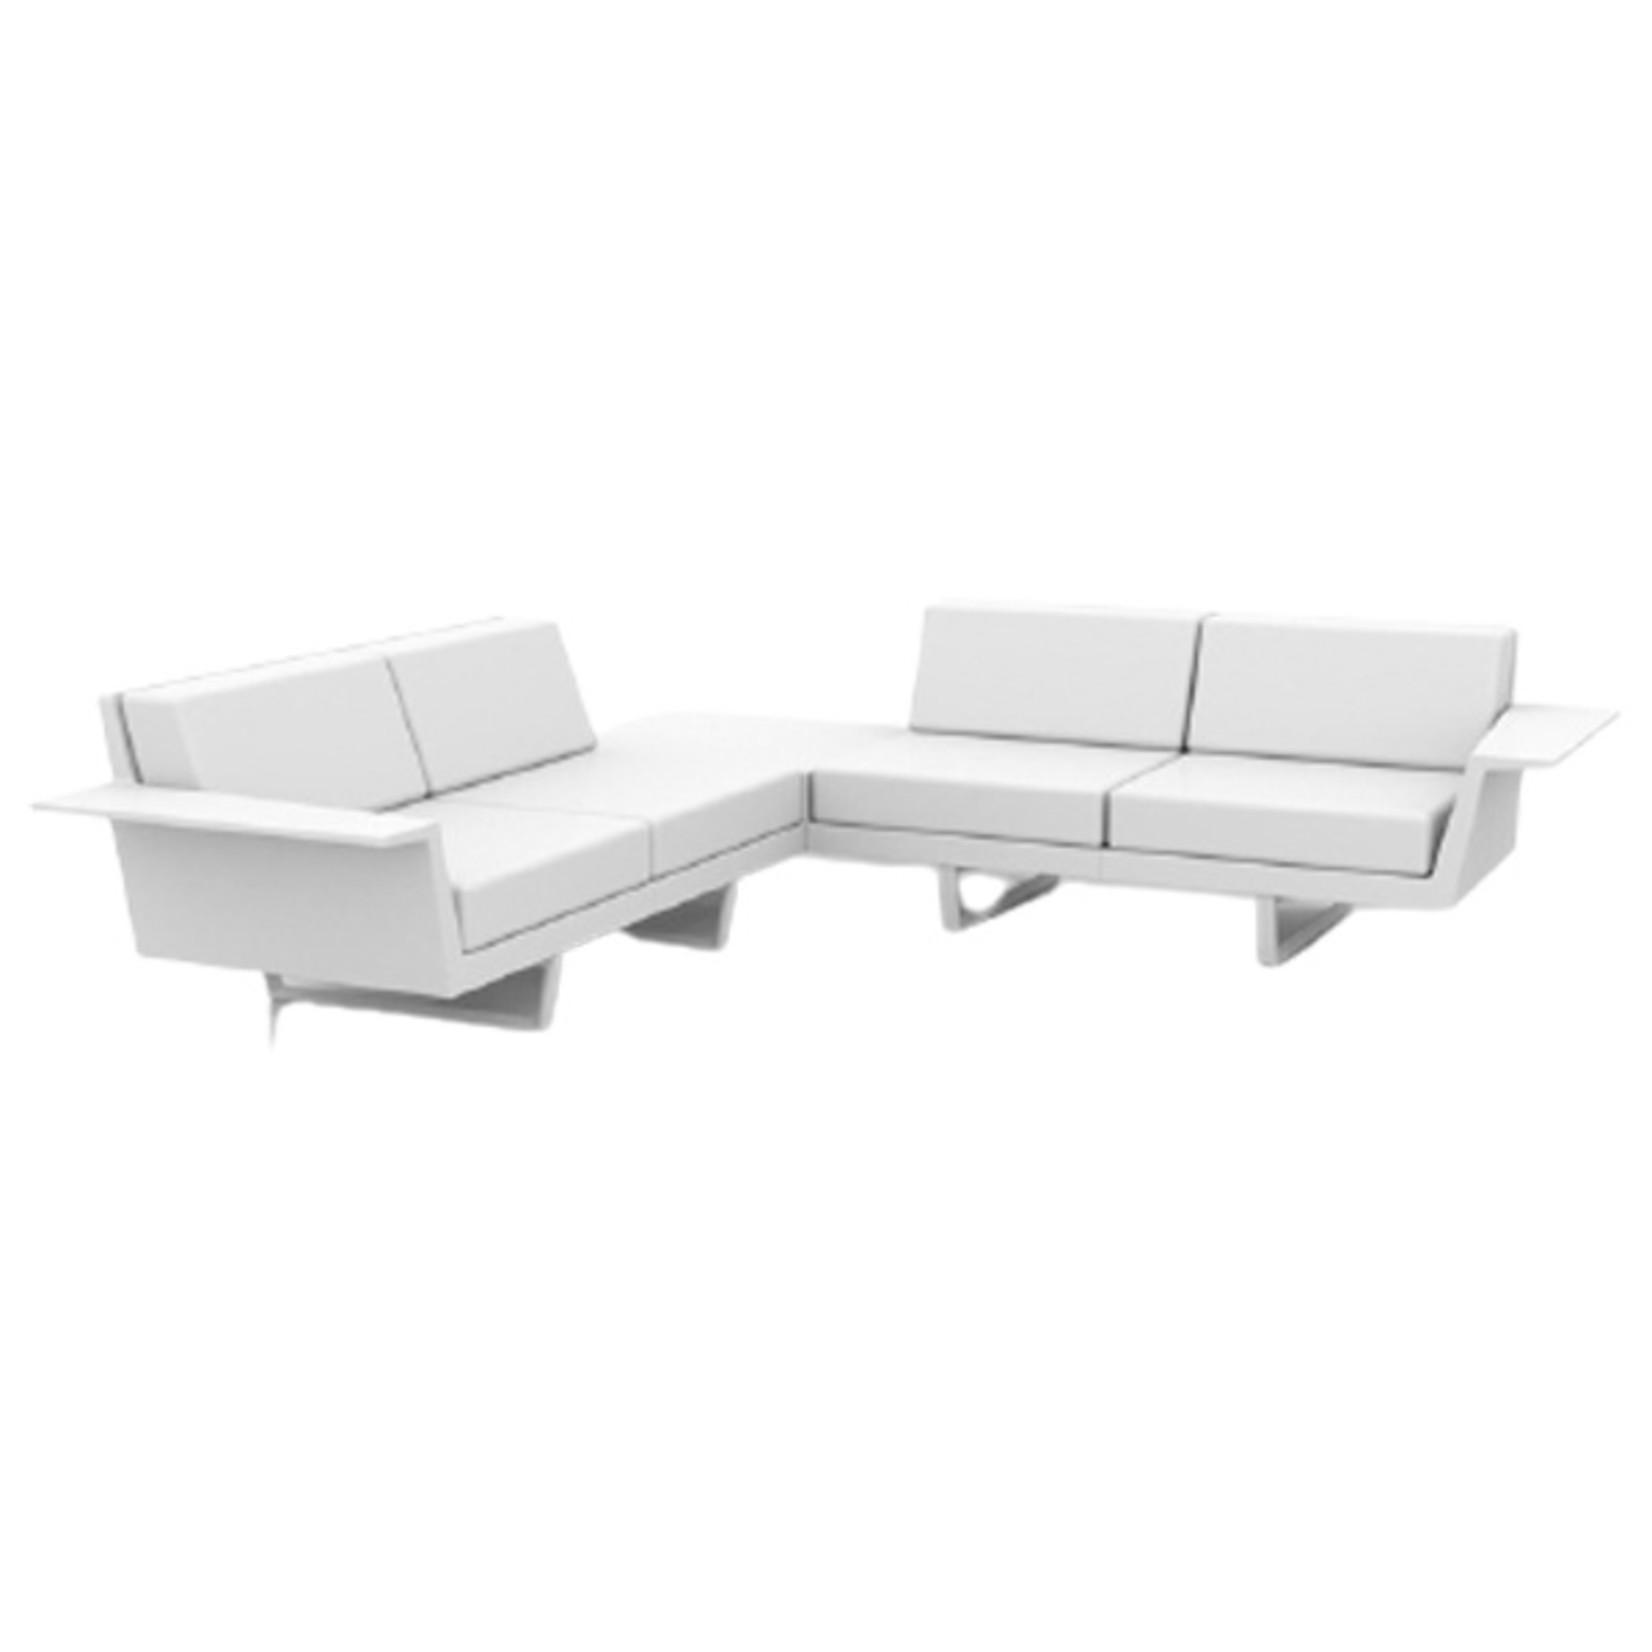 Vondom DELTA Corner Sofa 4 seat